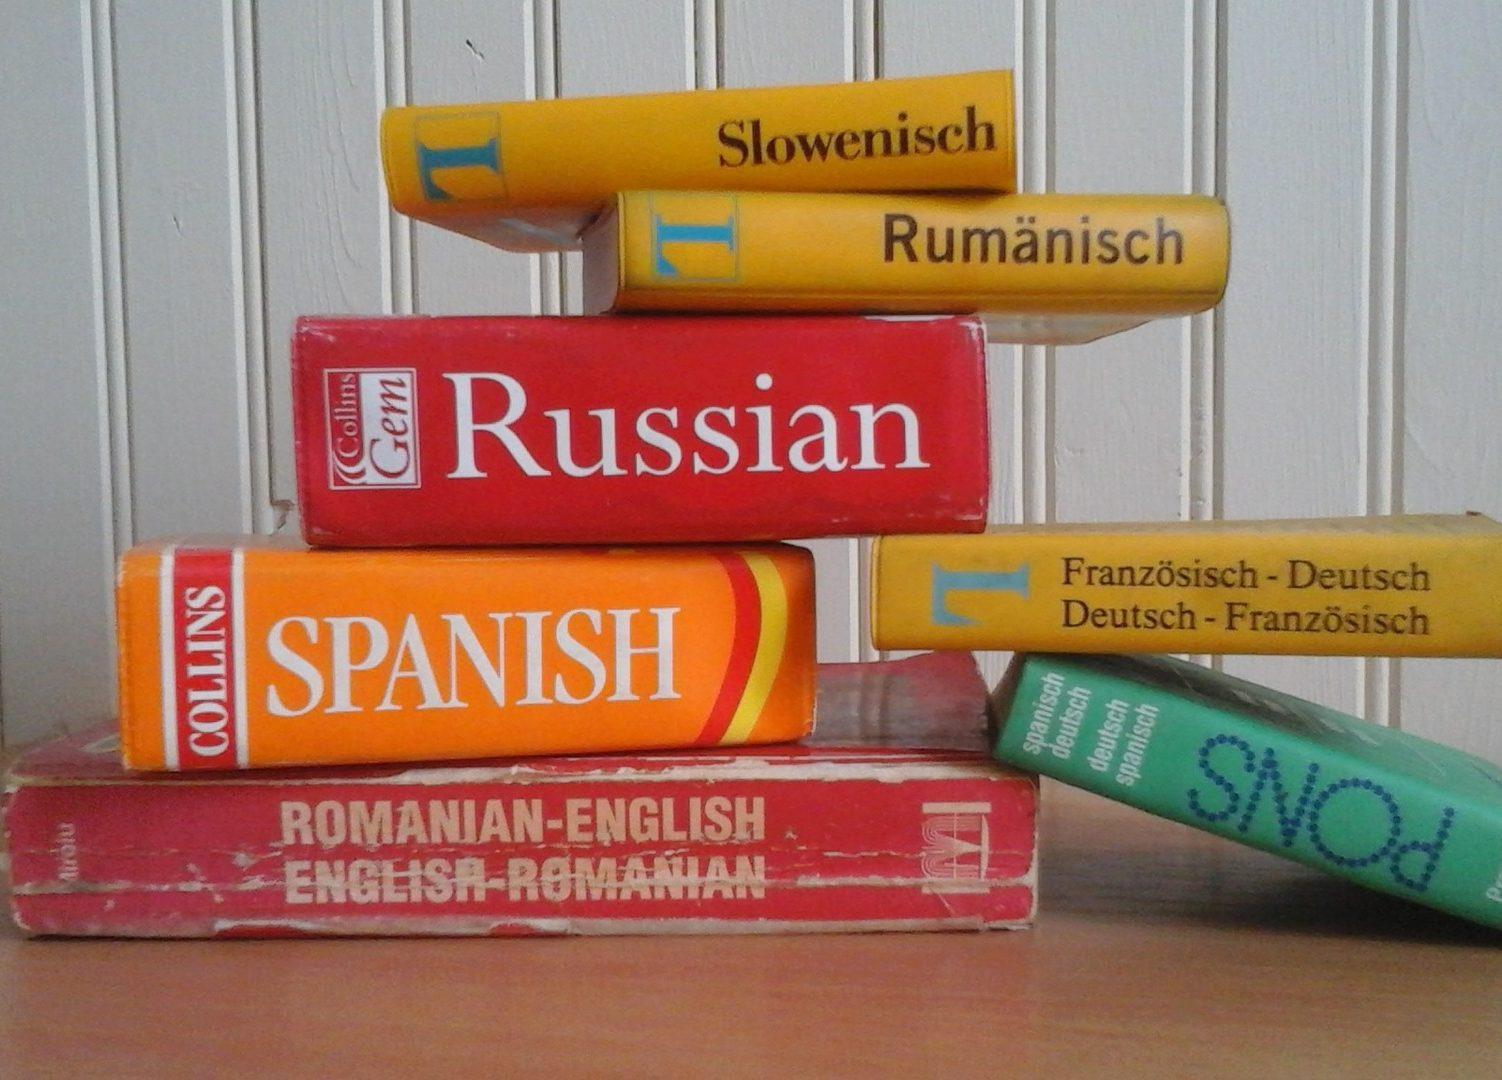 Talenstrijd leidt tot het vergeten van woorden – Algemeen Nijmeegs Studentenblad - ANS-online